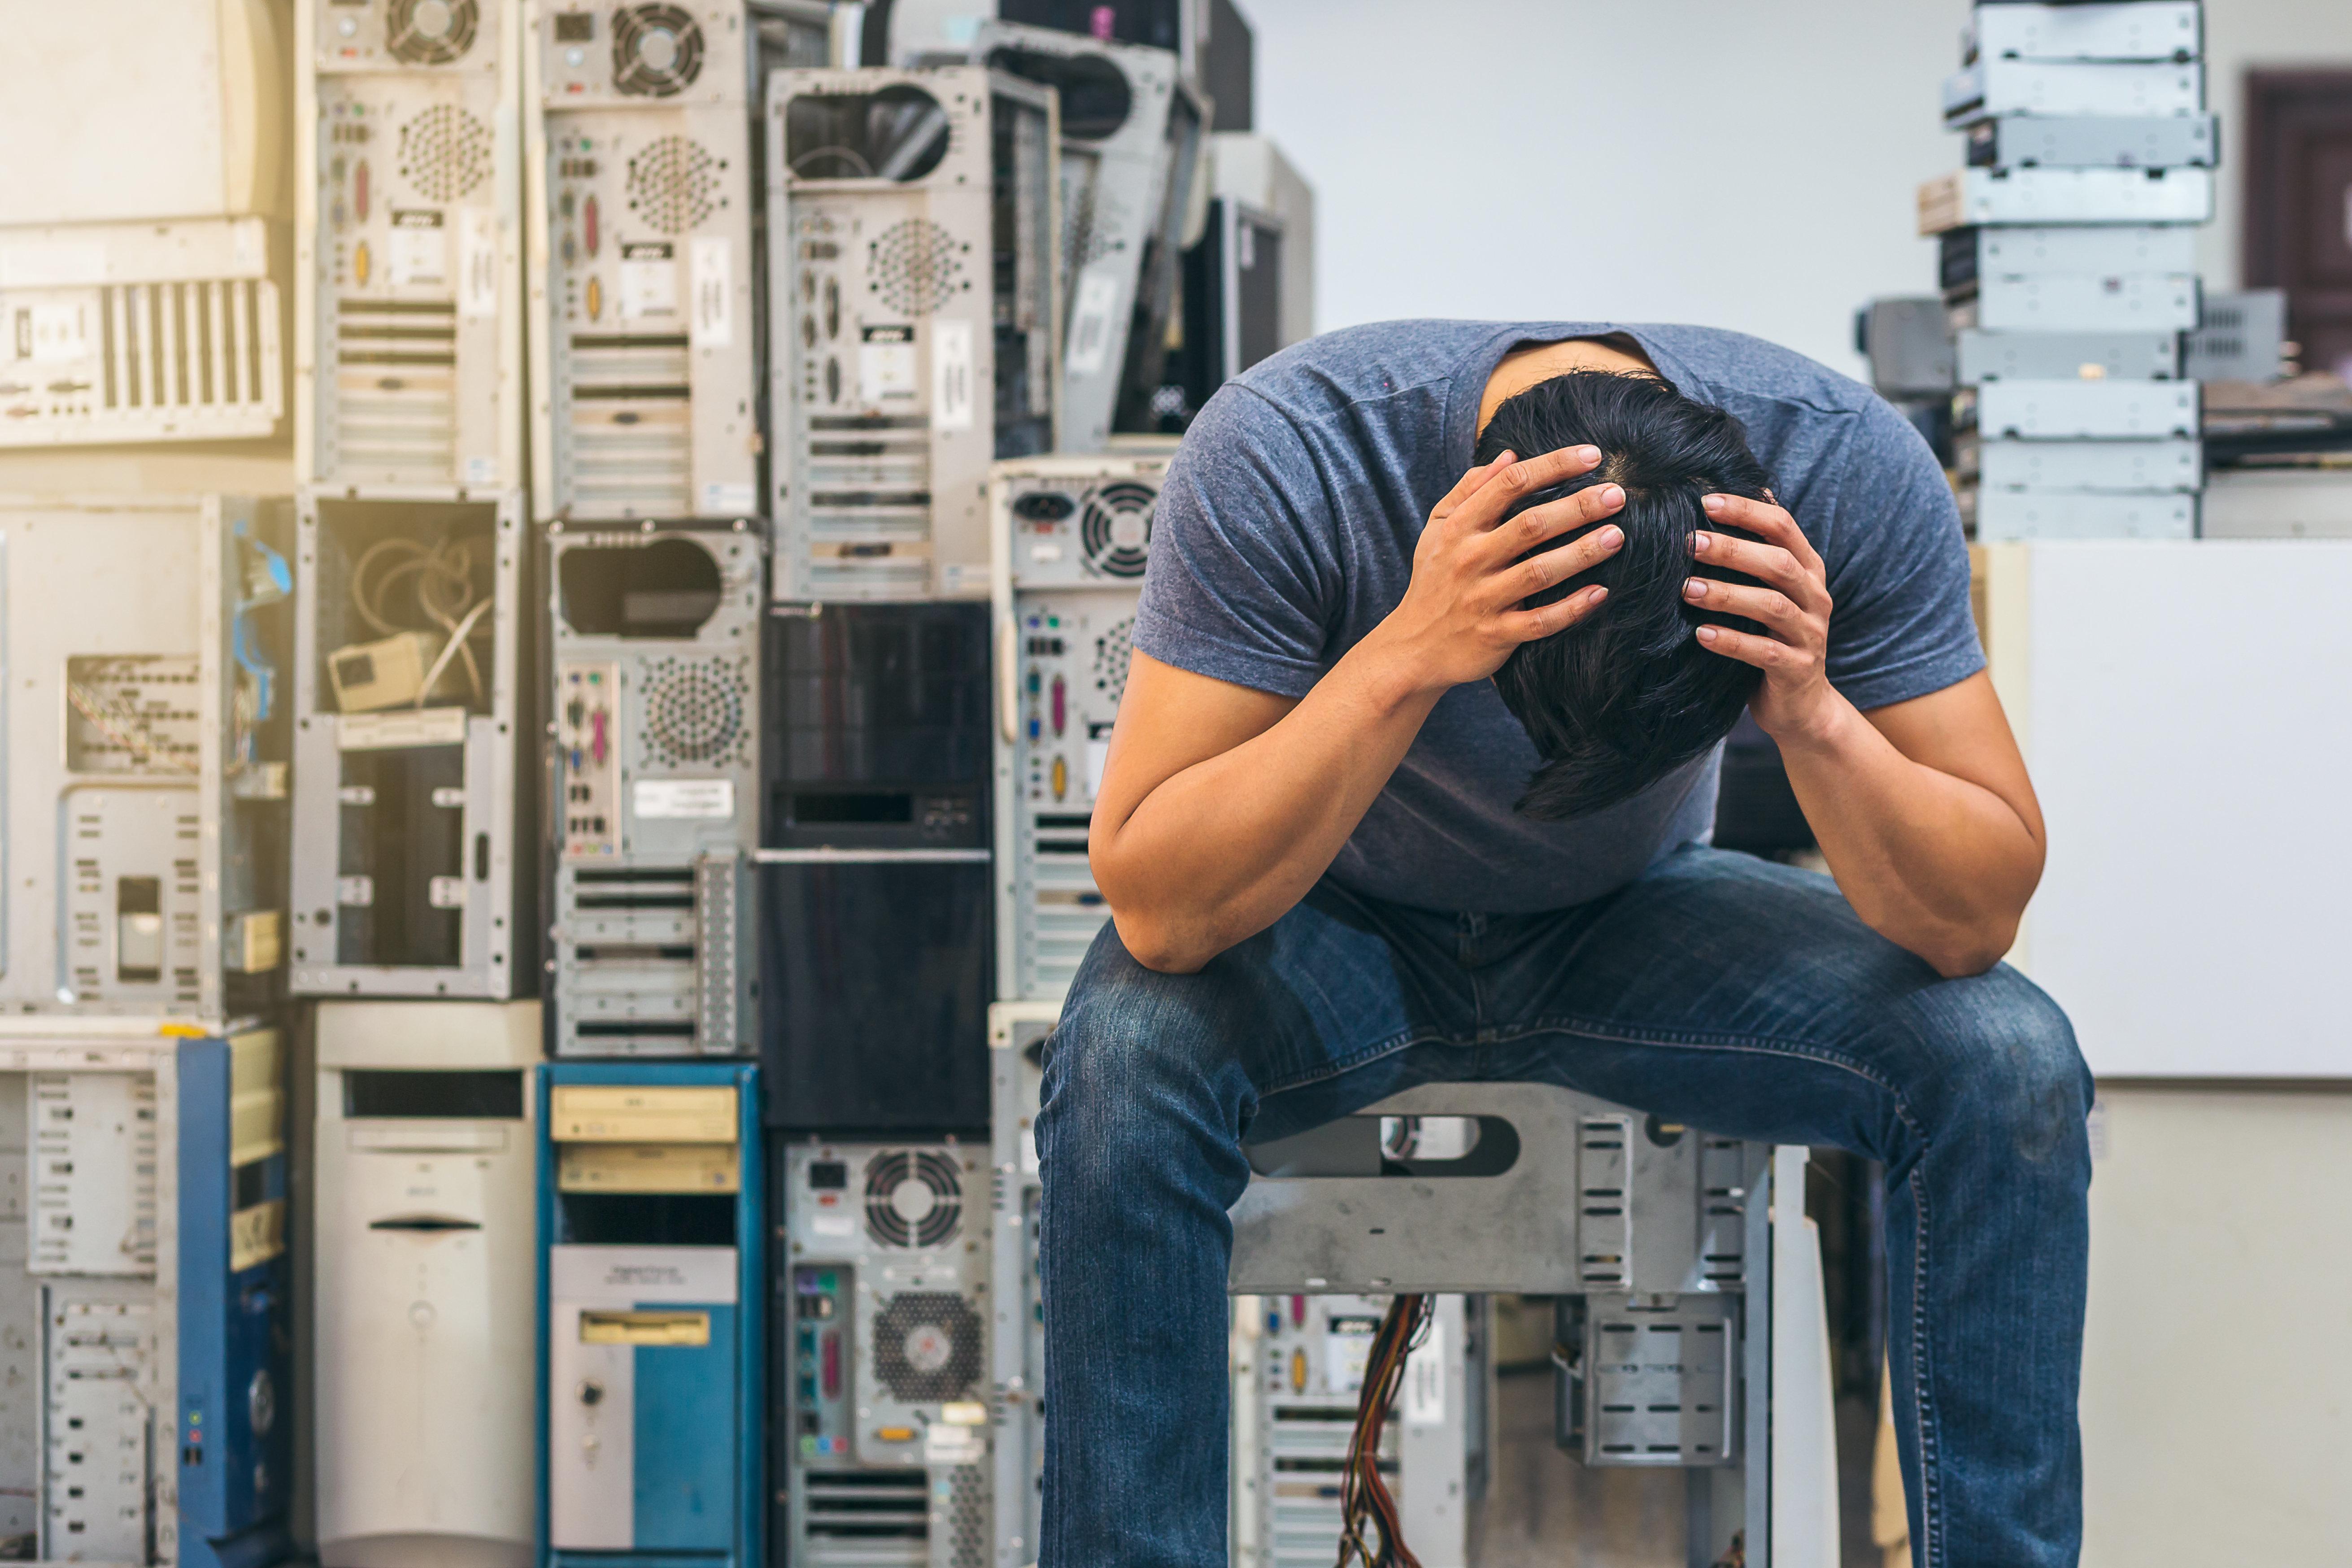 Αντρες αποκαλύπτουν τις μεγαλύτερες δυσκολίες που αντιμετωπίζουν ως άντρες (με απαντήσεις